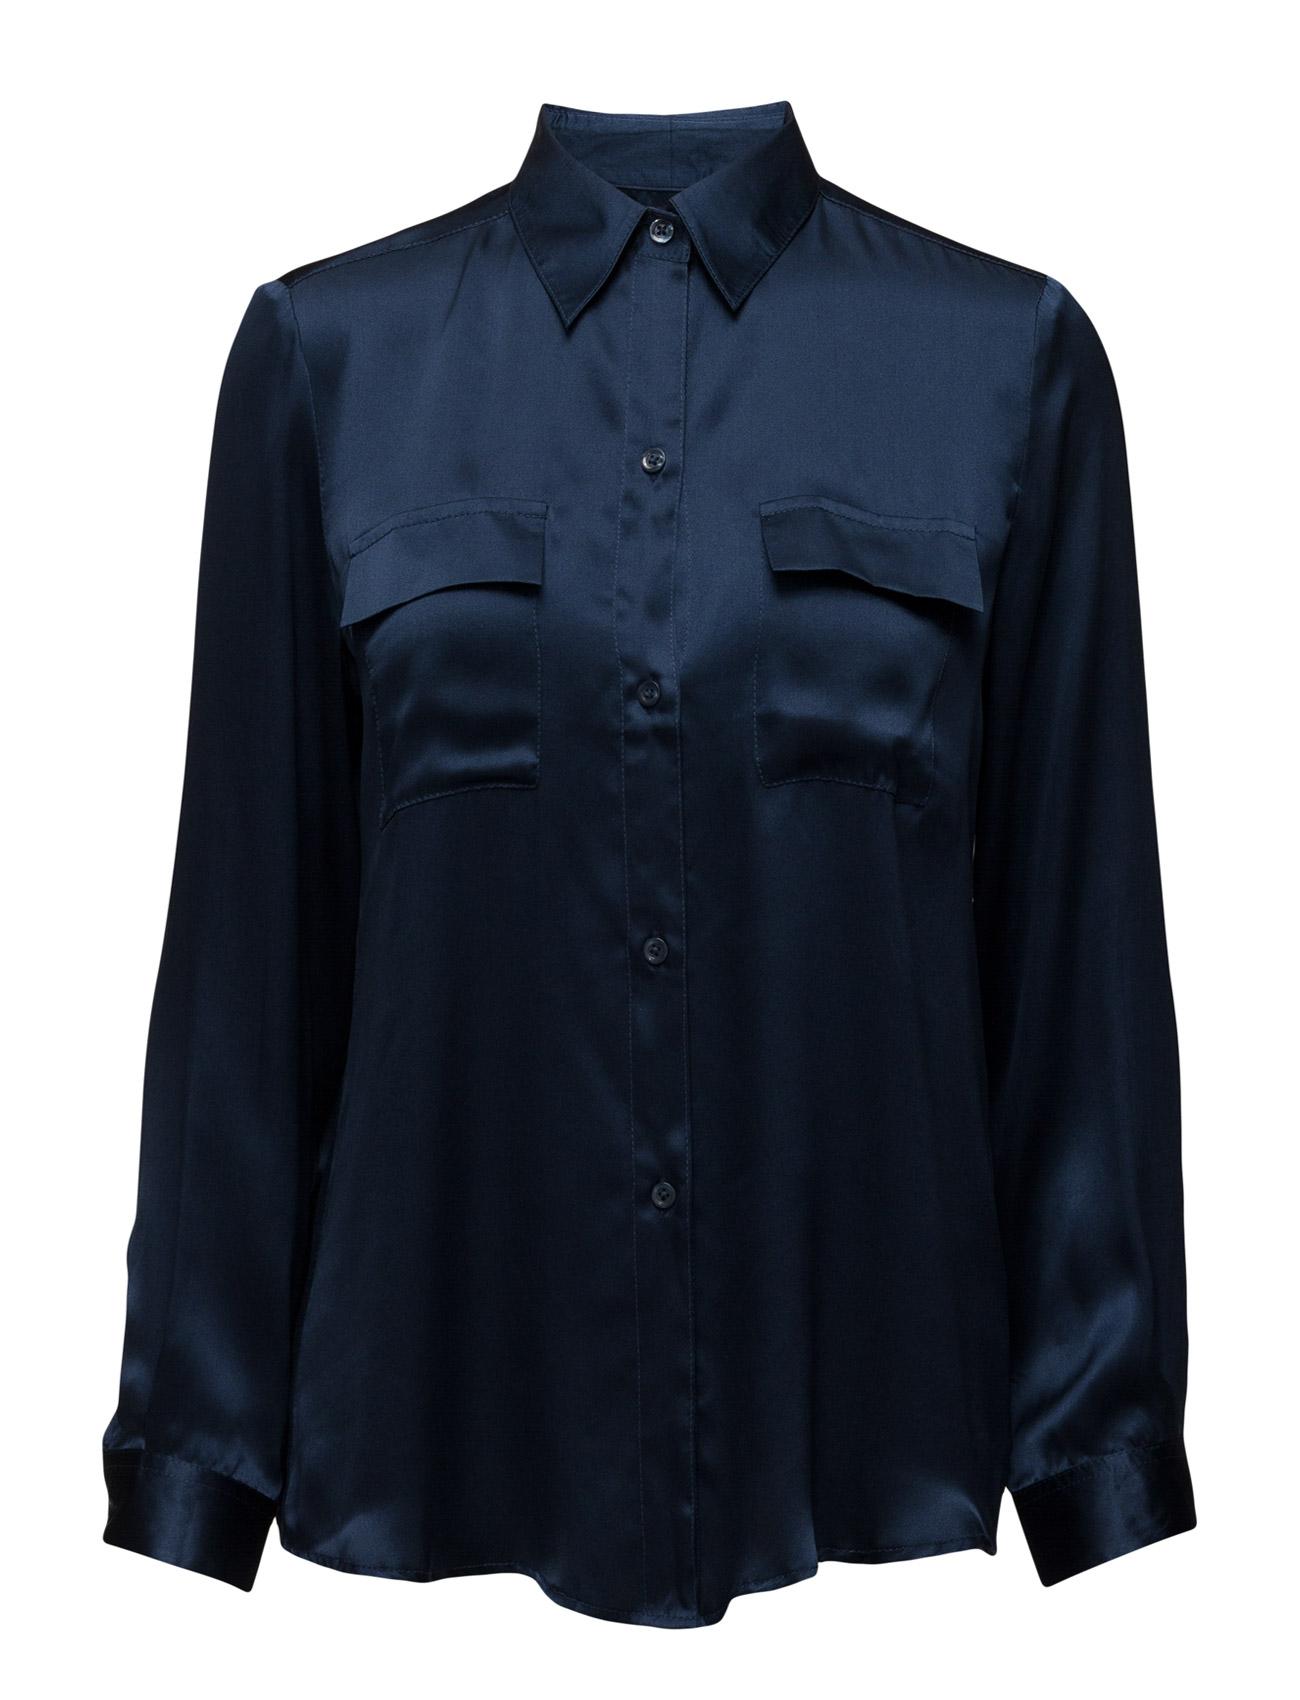 Nicolina Shirt By Malina Langærmede til Kvinder i Mørkeblå